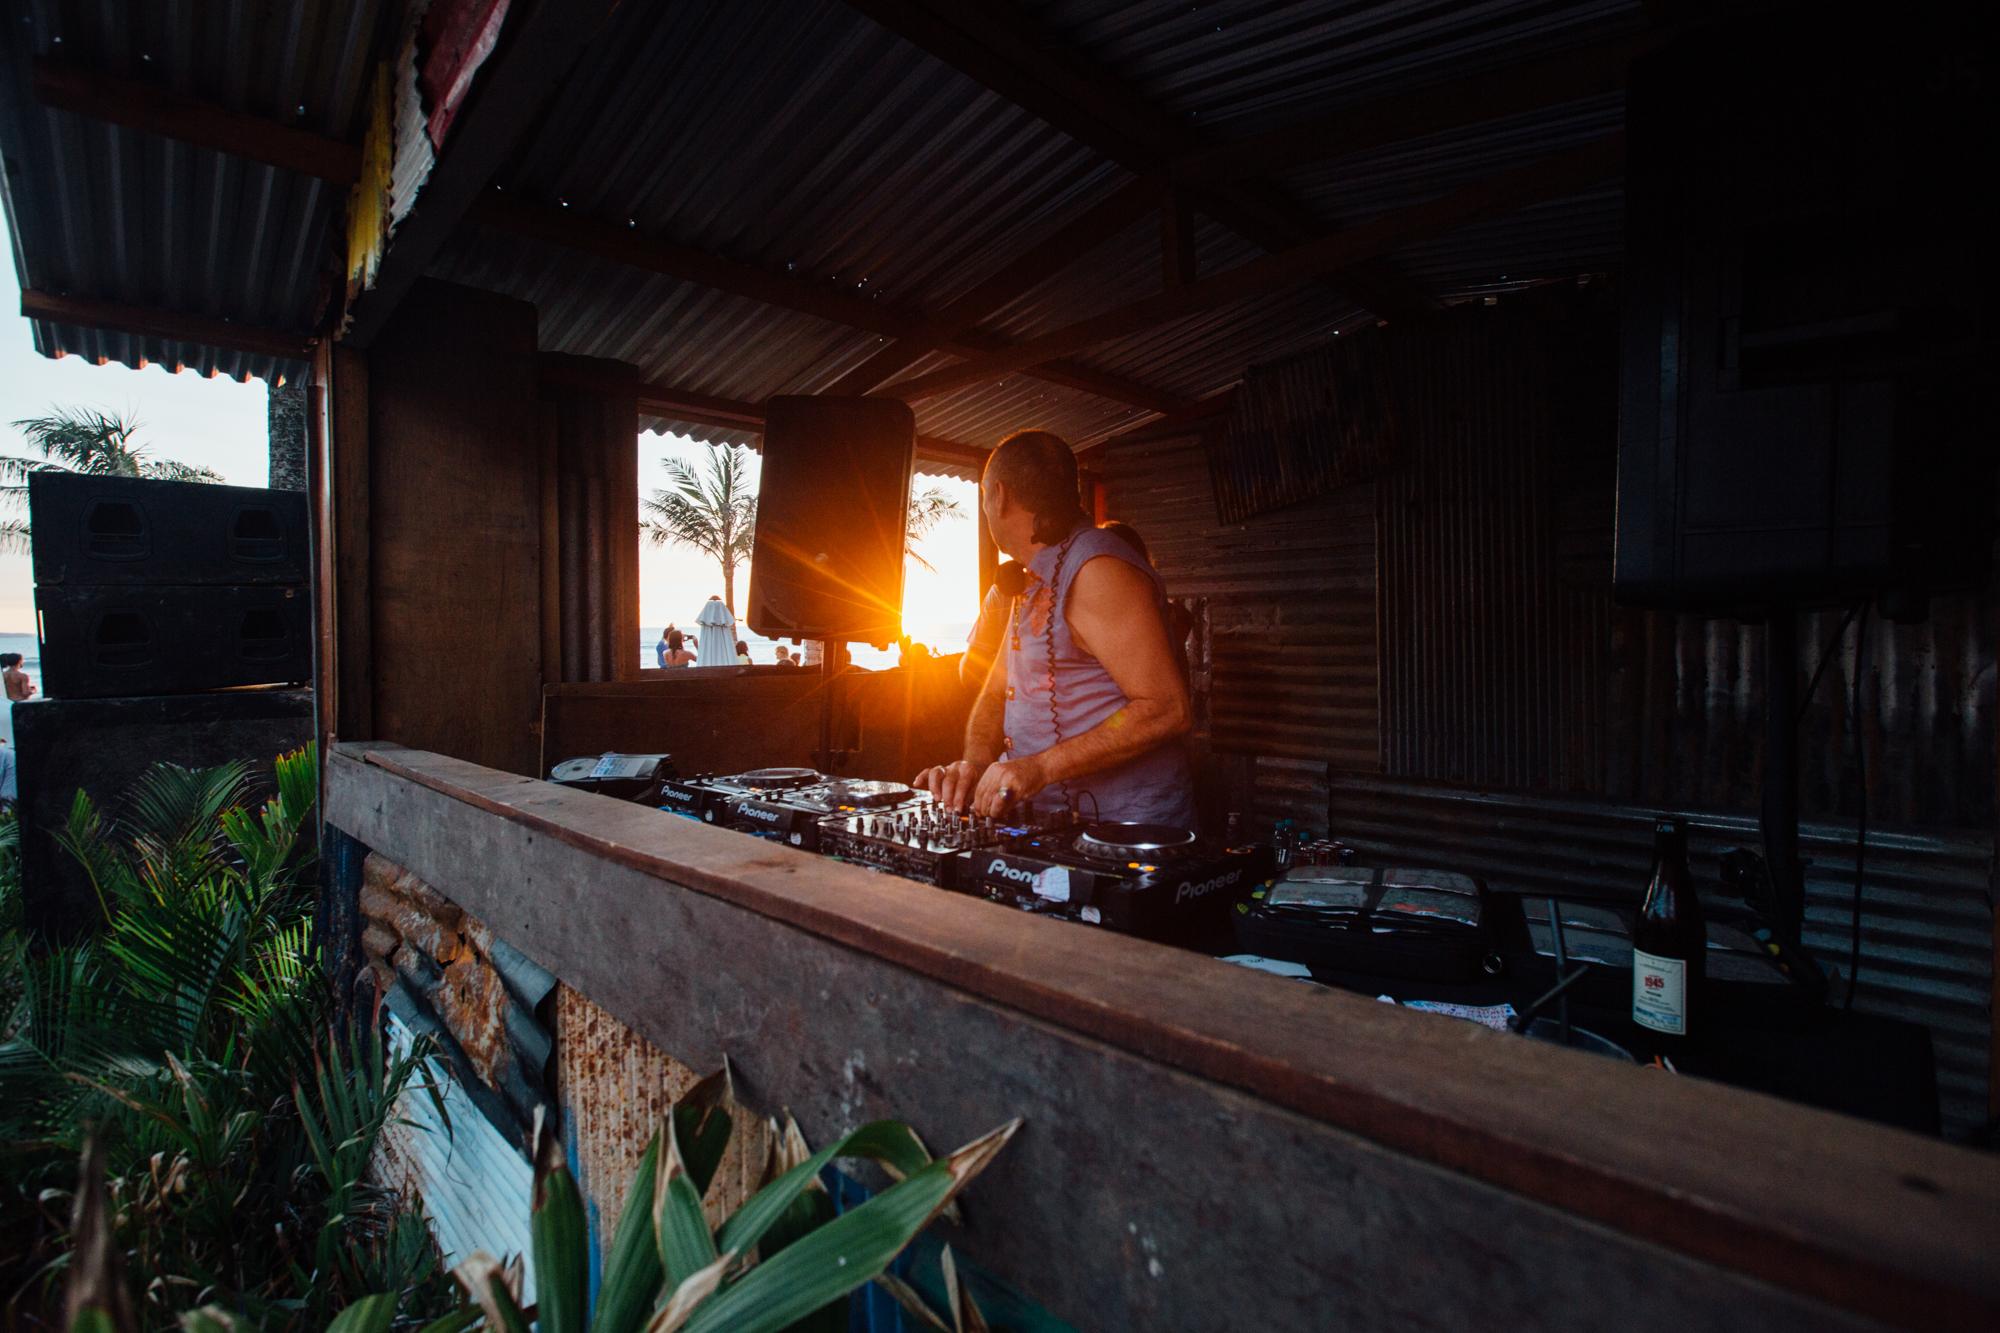 Jose Padilla - Potato Head - Bali - Sunset Time